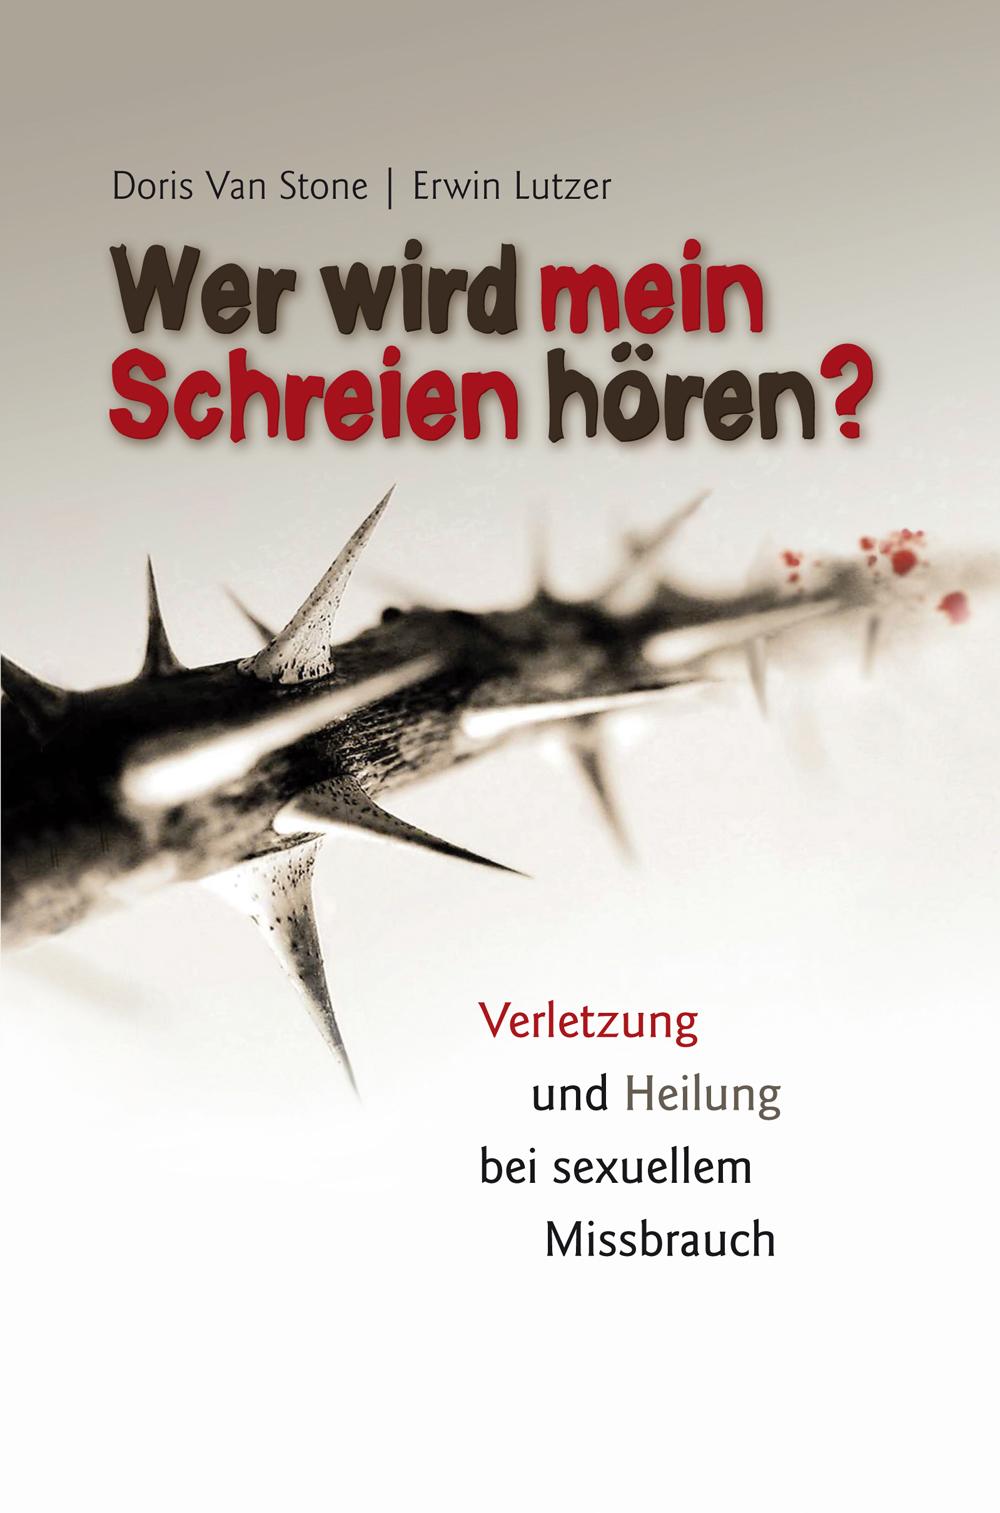 CLV_wer-wird-mein-schreien-hoeren_doris-van-stone-erwin-w-lutzer_256228_1